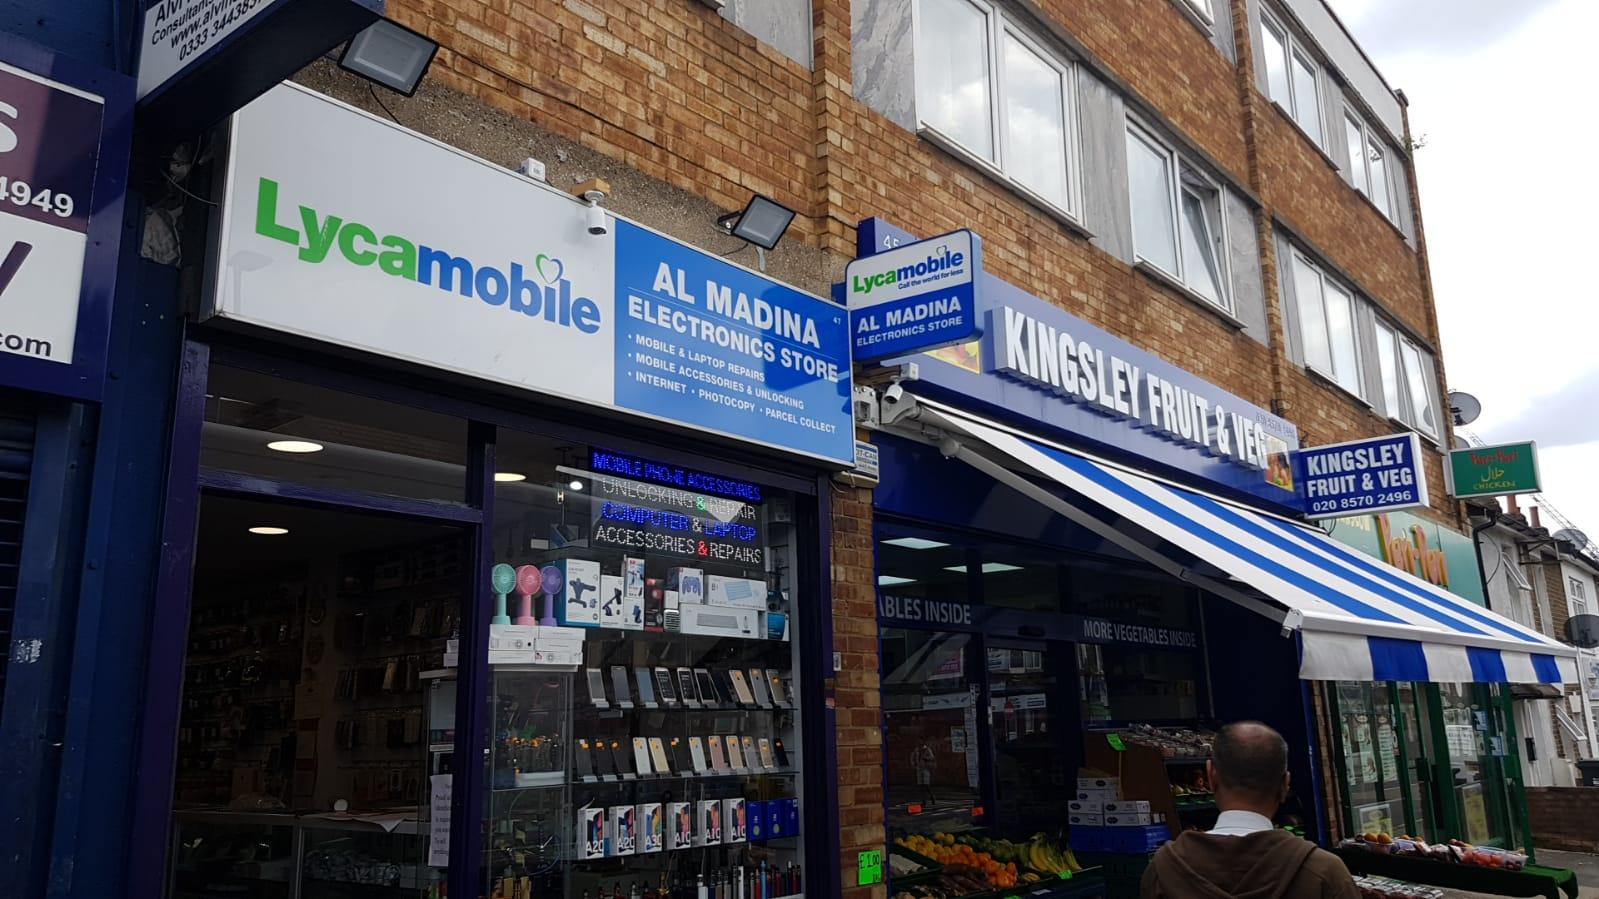 Al Madina Electronics Store | Hounslow East | Hounslow